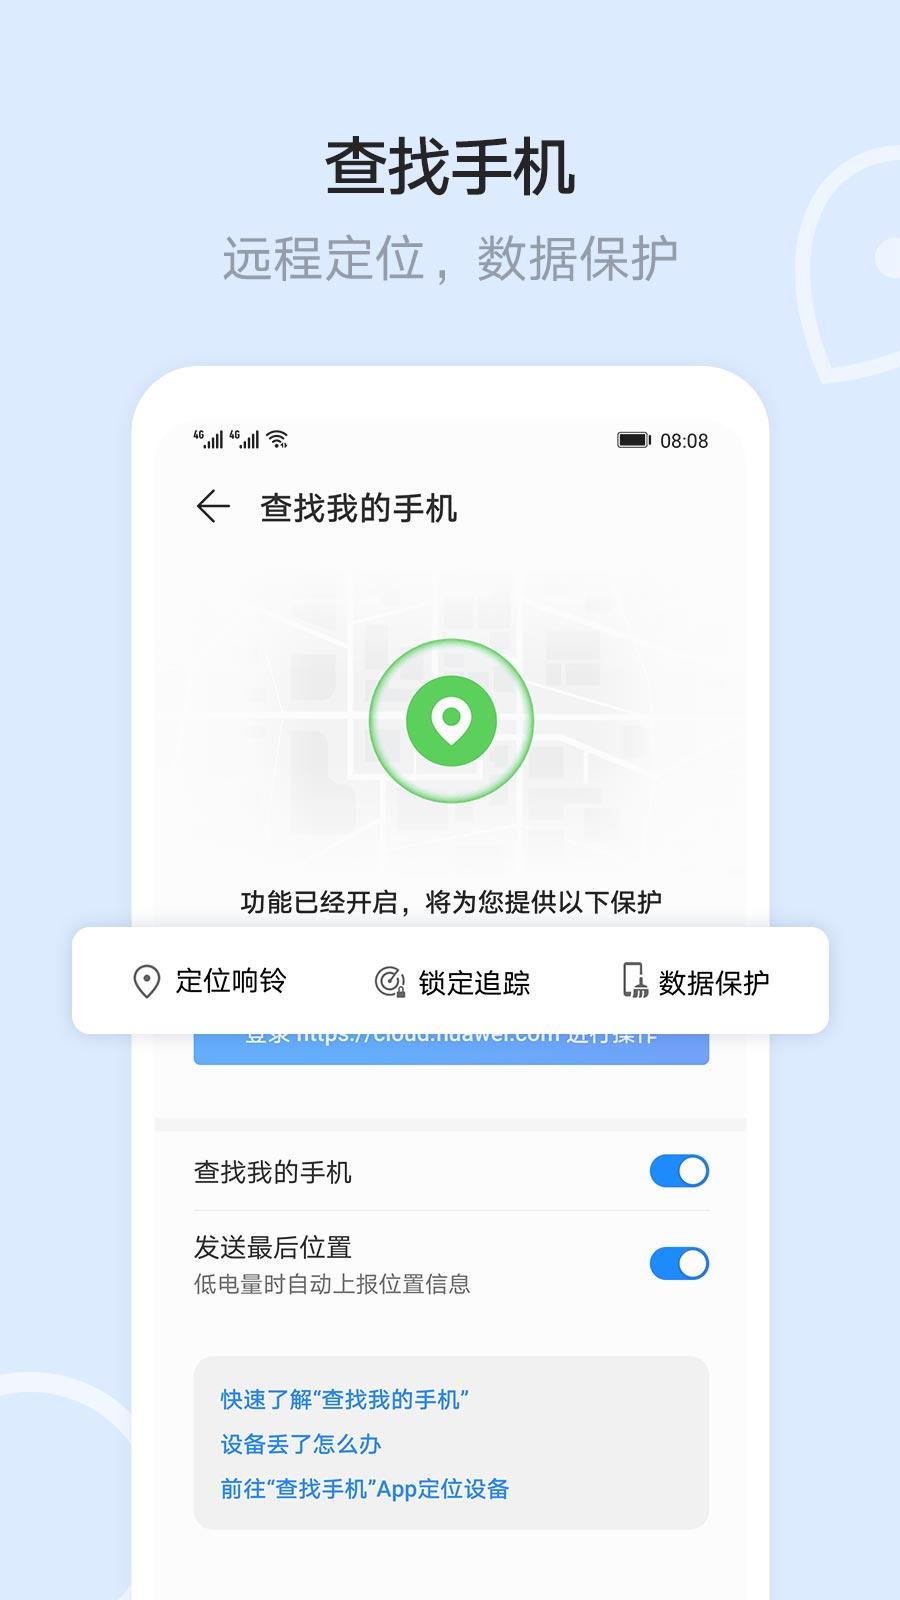 酷6网上传视频_华为手机文件管理器(com.huawei.hidisk) - 10.6.2.300 - 应用 - 酷安网